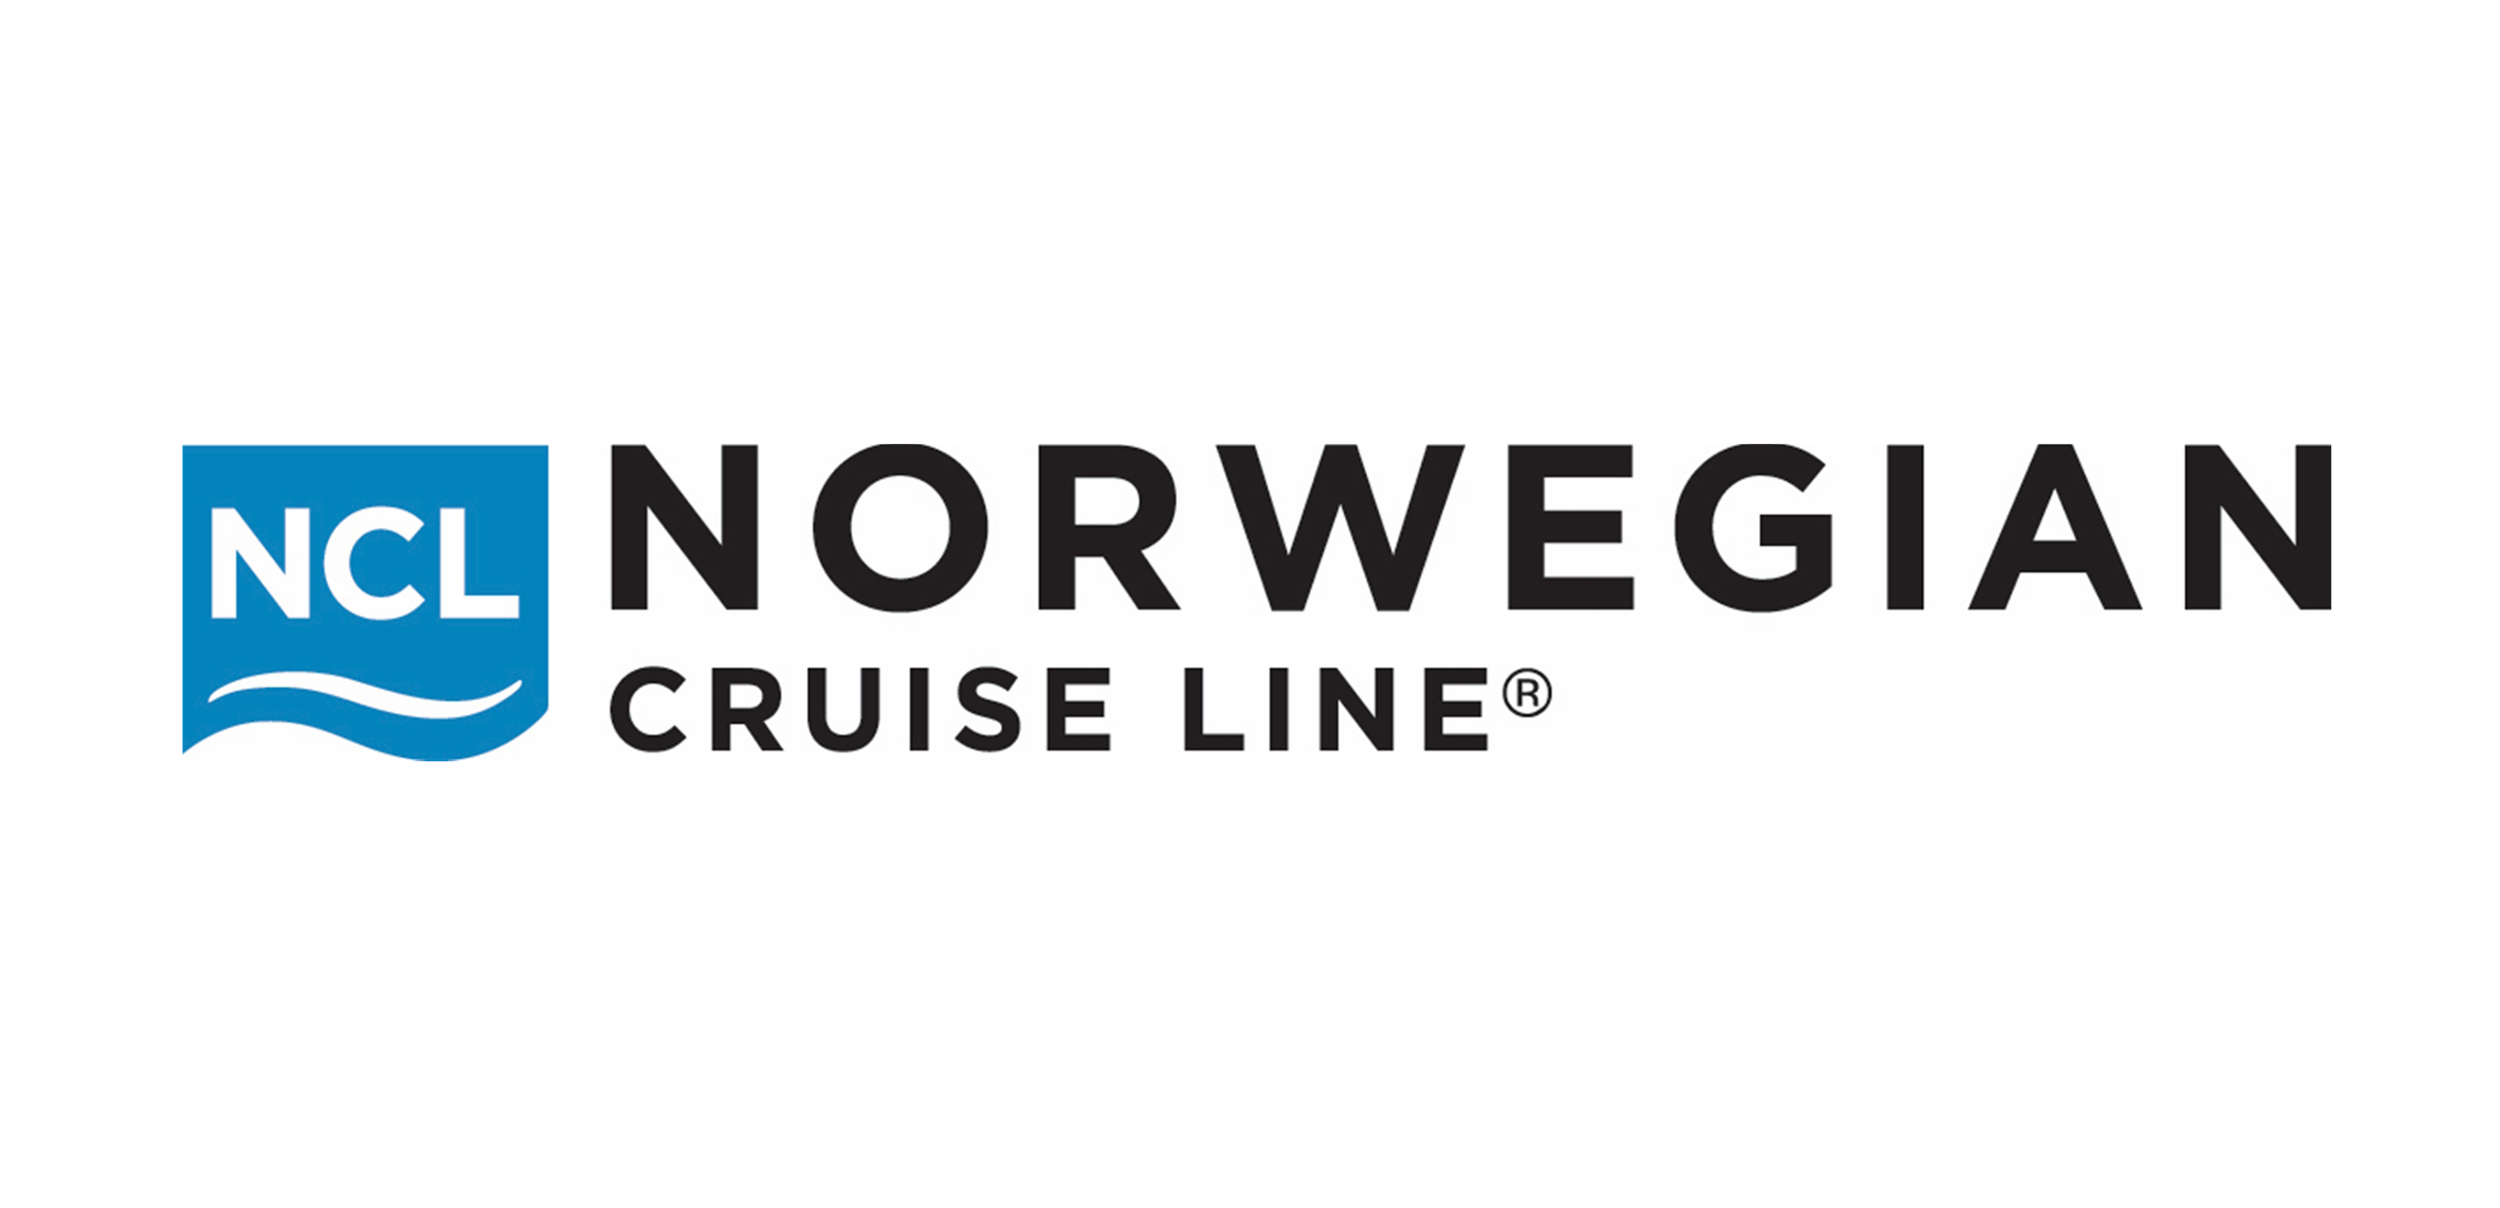 norwegian_3 (1).png